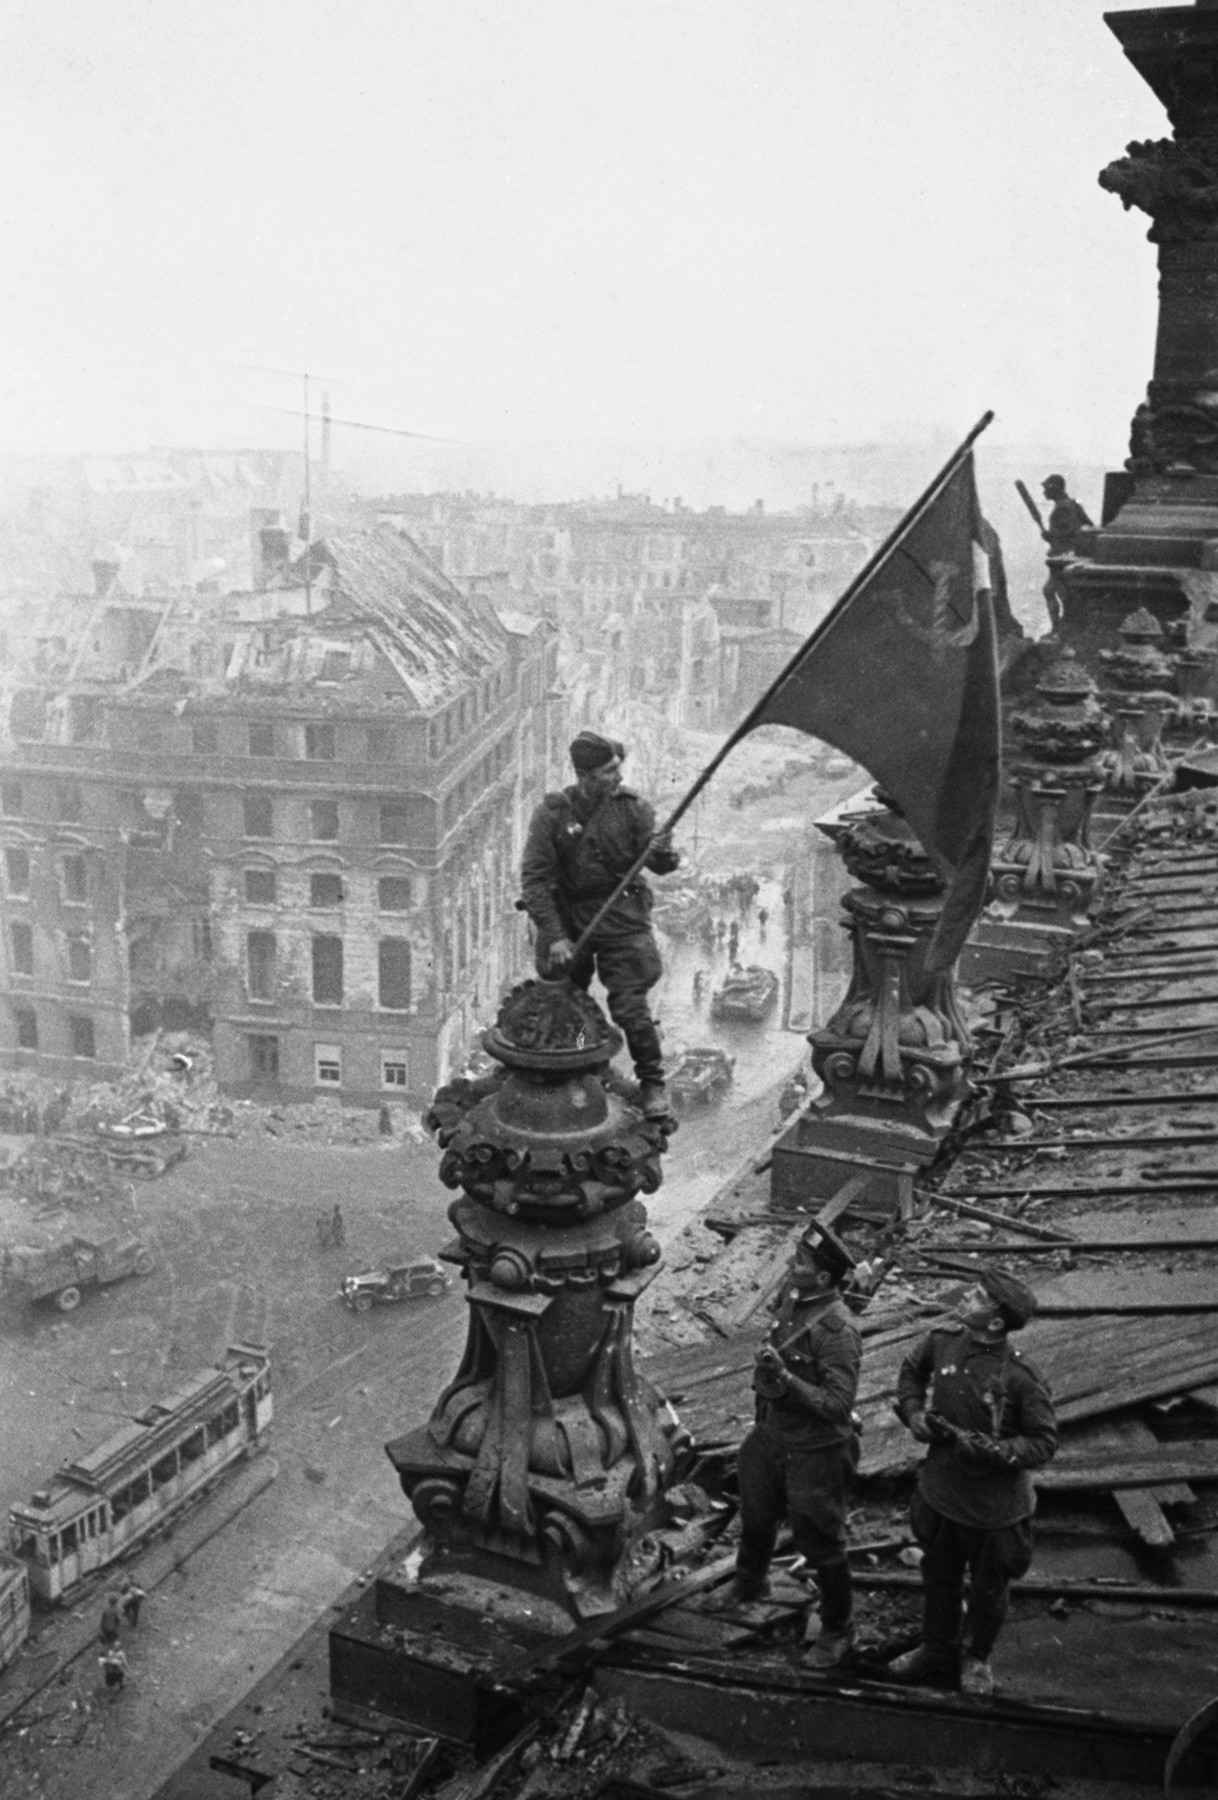 Le drapeau rouge sur le Reichstag, Berlin, 1945